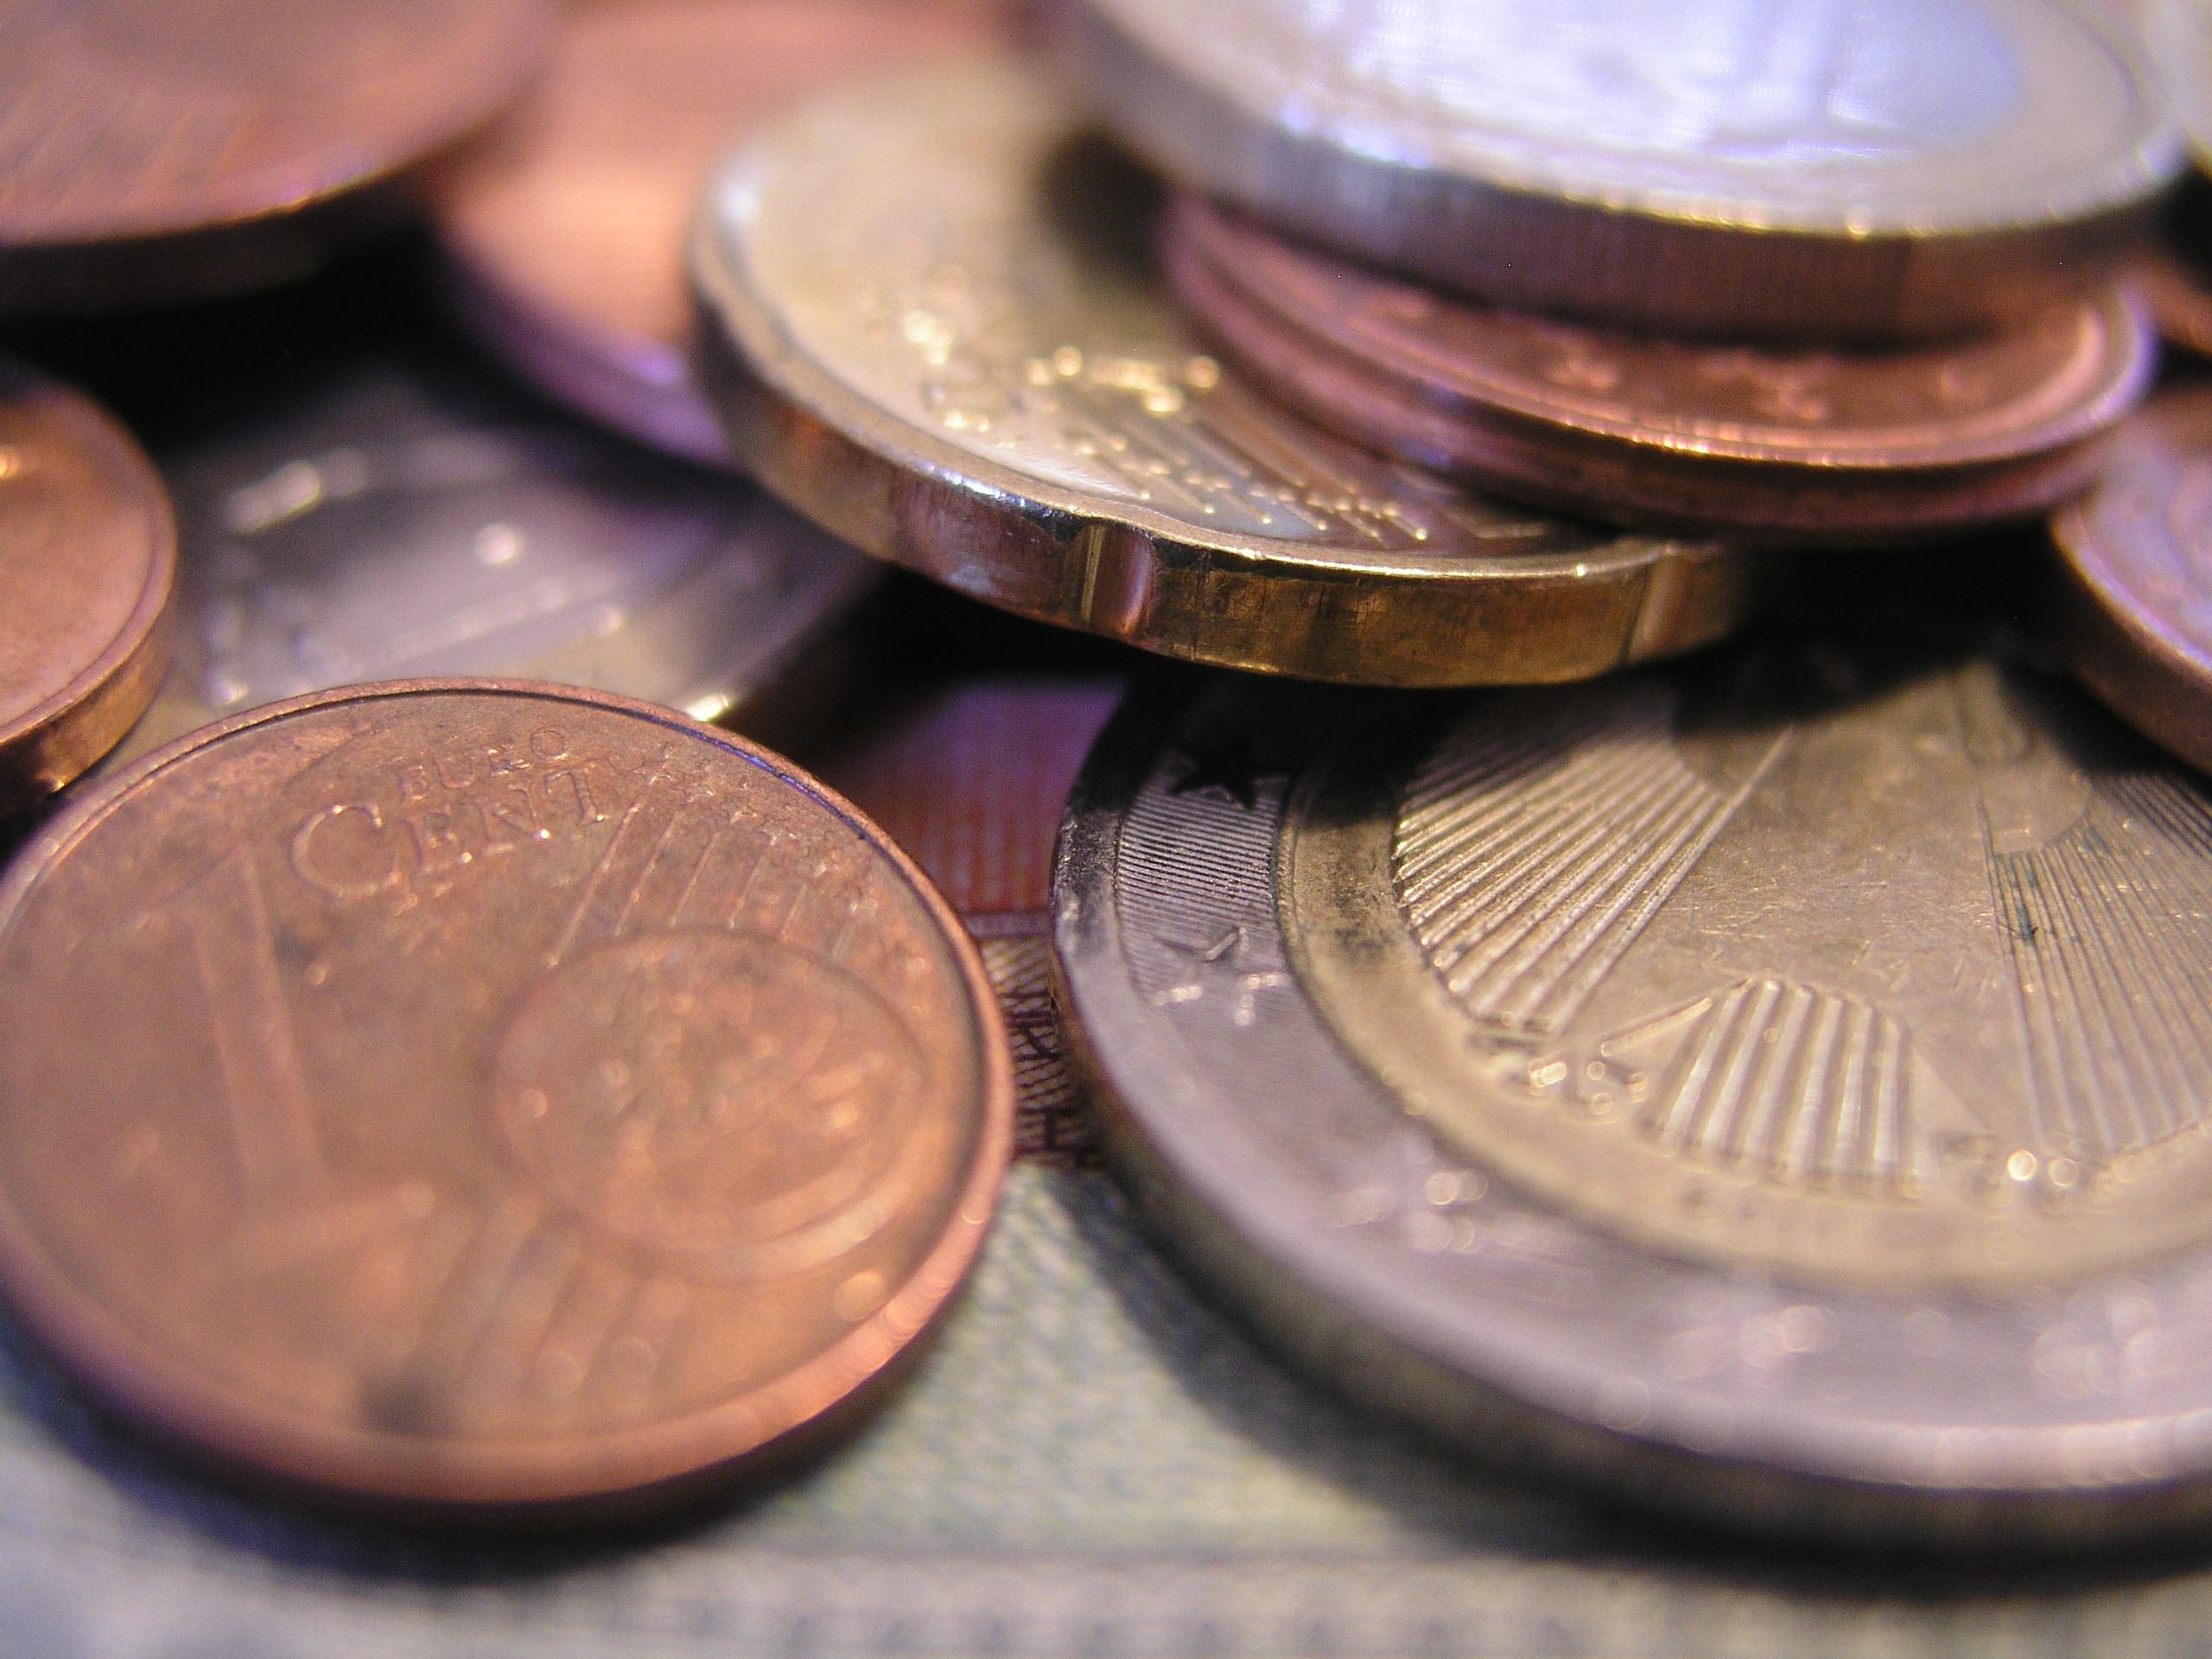 Das Foto zeigt zahlreiche Geldmünzen, die auf einem Geldschein liegen.